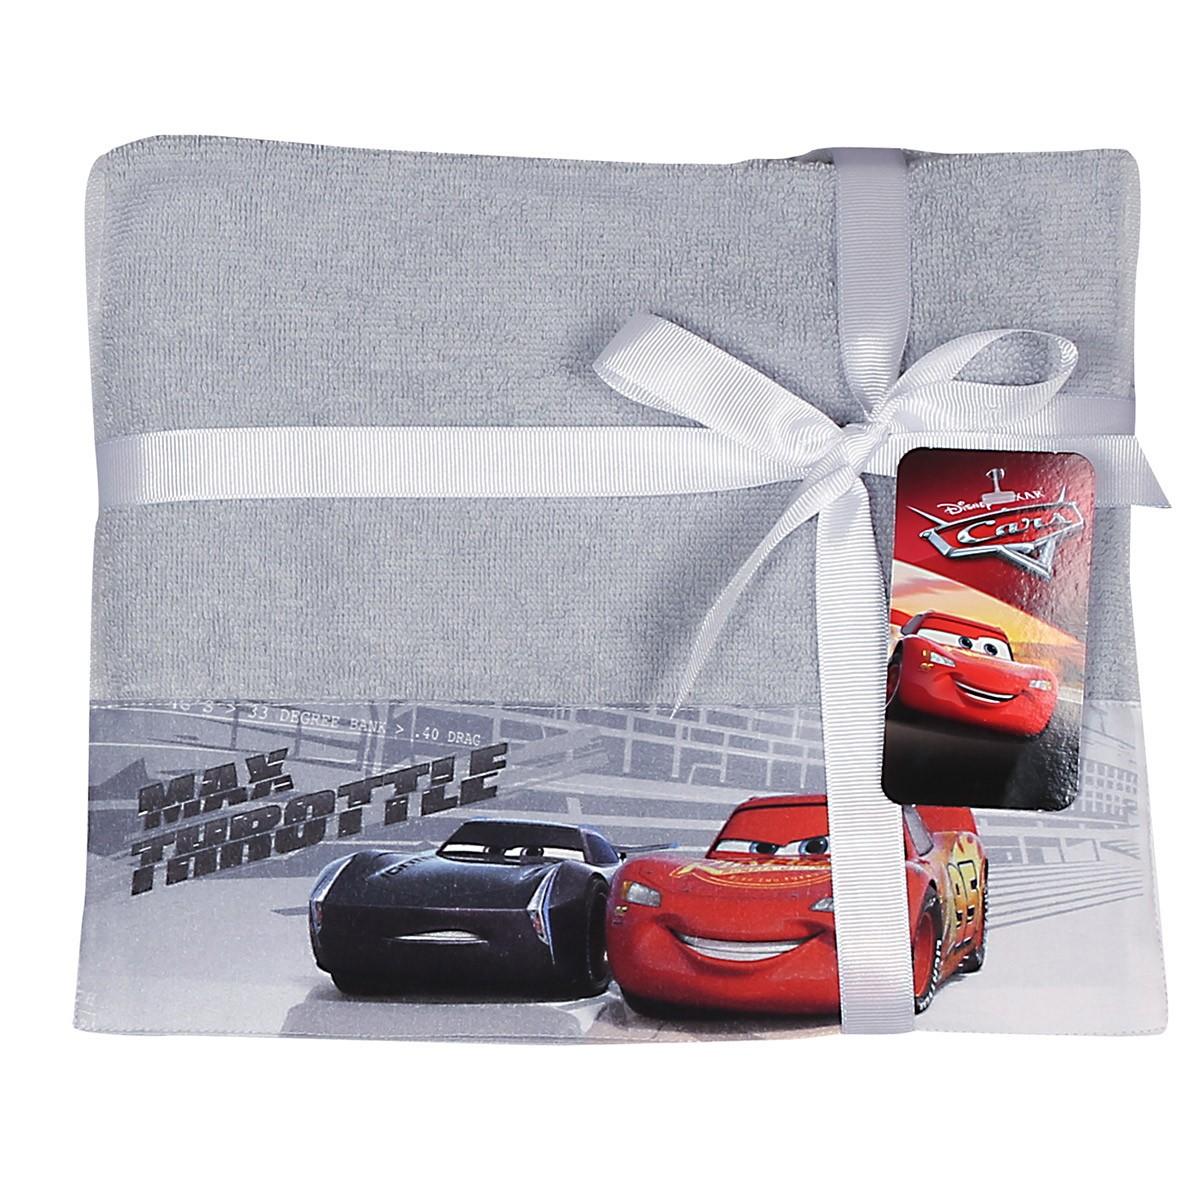 Παιδικές Πετσέτες (Σετ 2τμχ) Nef-Nef Disney Cars Max Throttle home   παιδικά   πετσέτες παιδικές